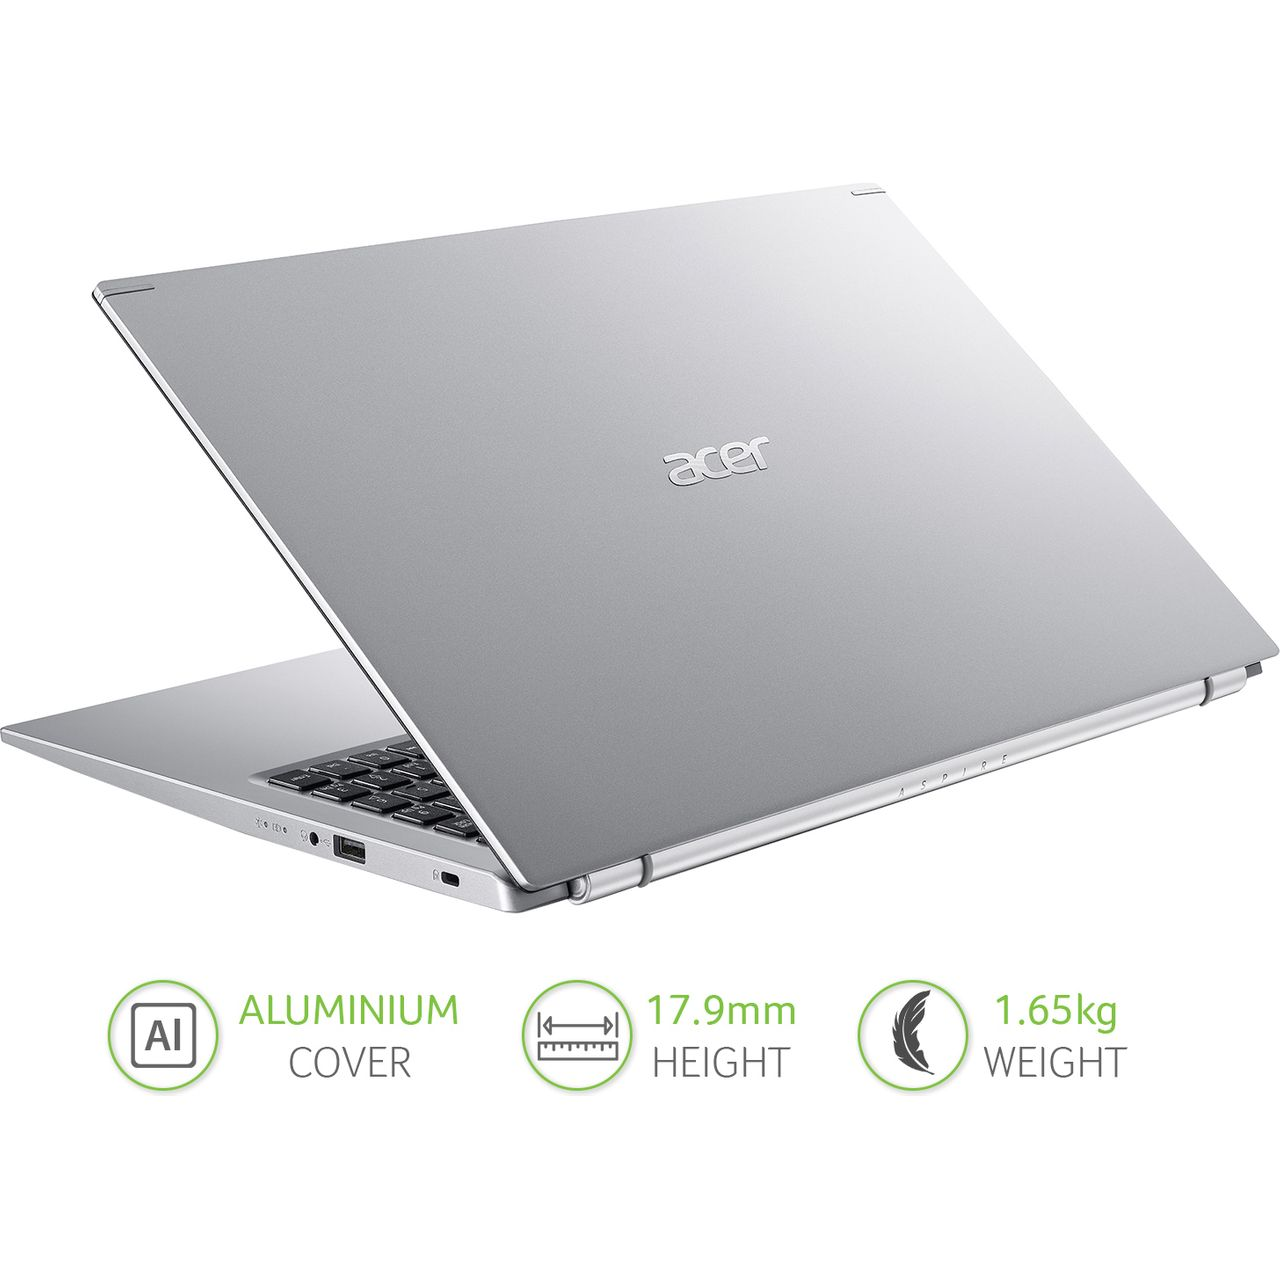 NX.A1HEK.001 | Acer Aspire 5 Laptop | ao.com